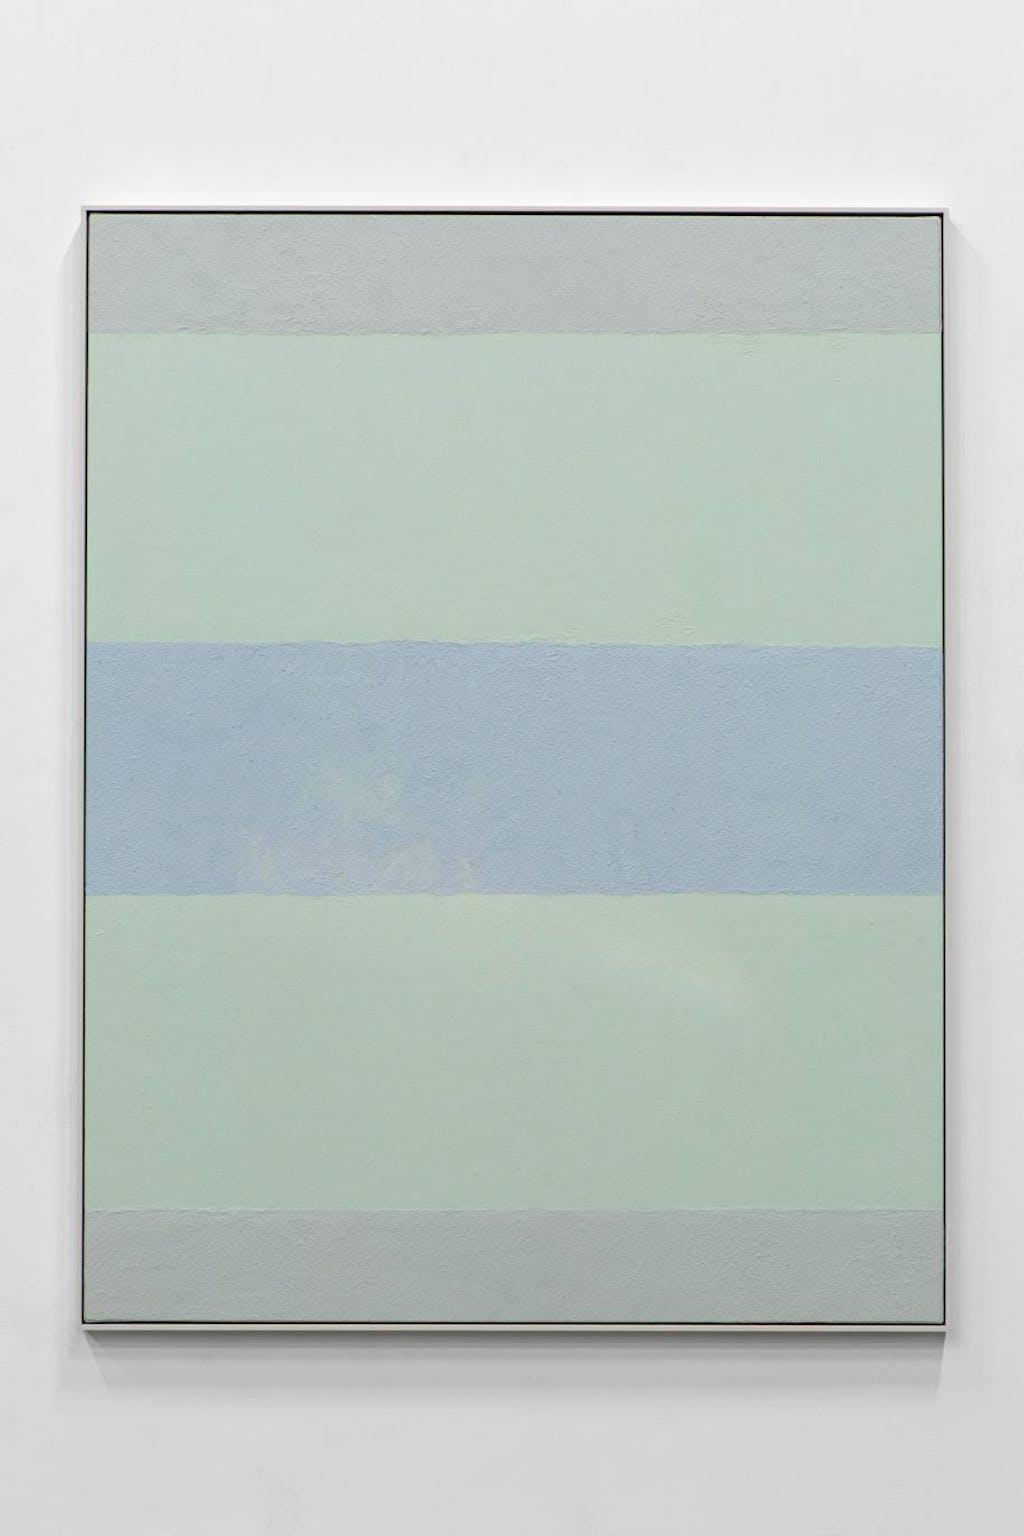 Untitled (5, 100, 20, 100, 5) - © kamel mennour